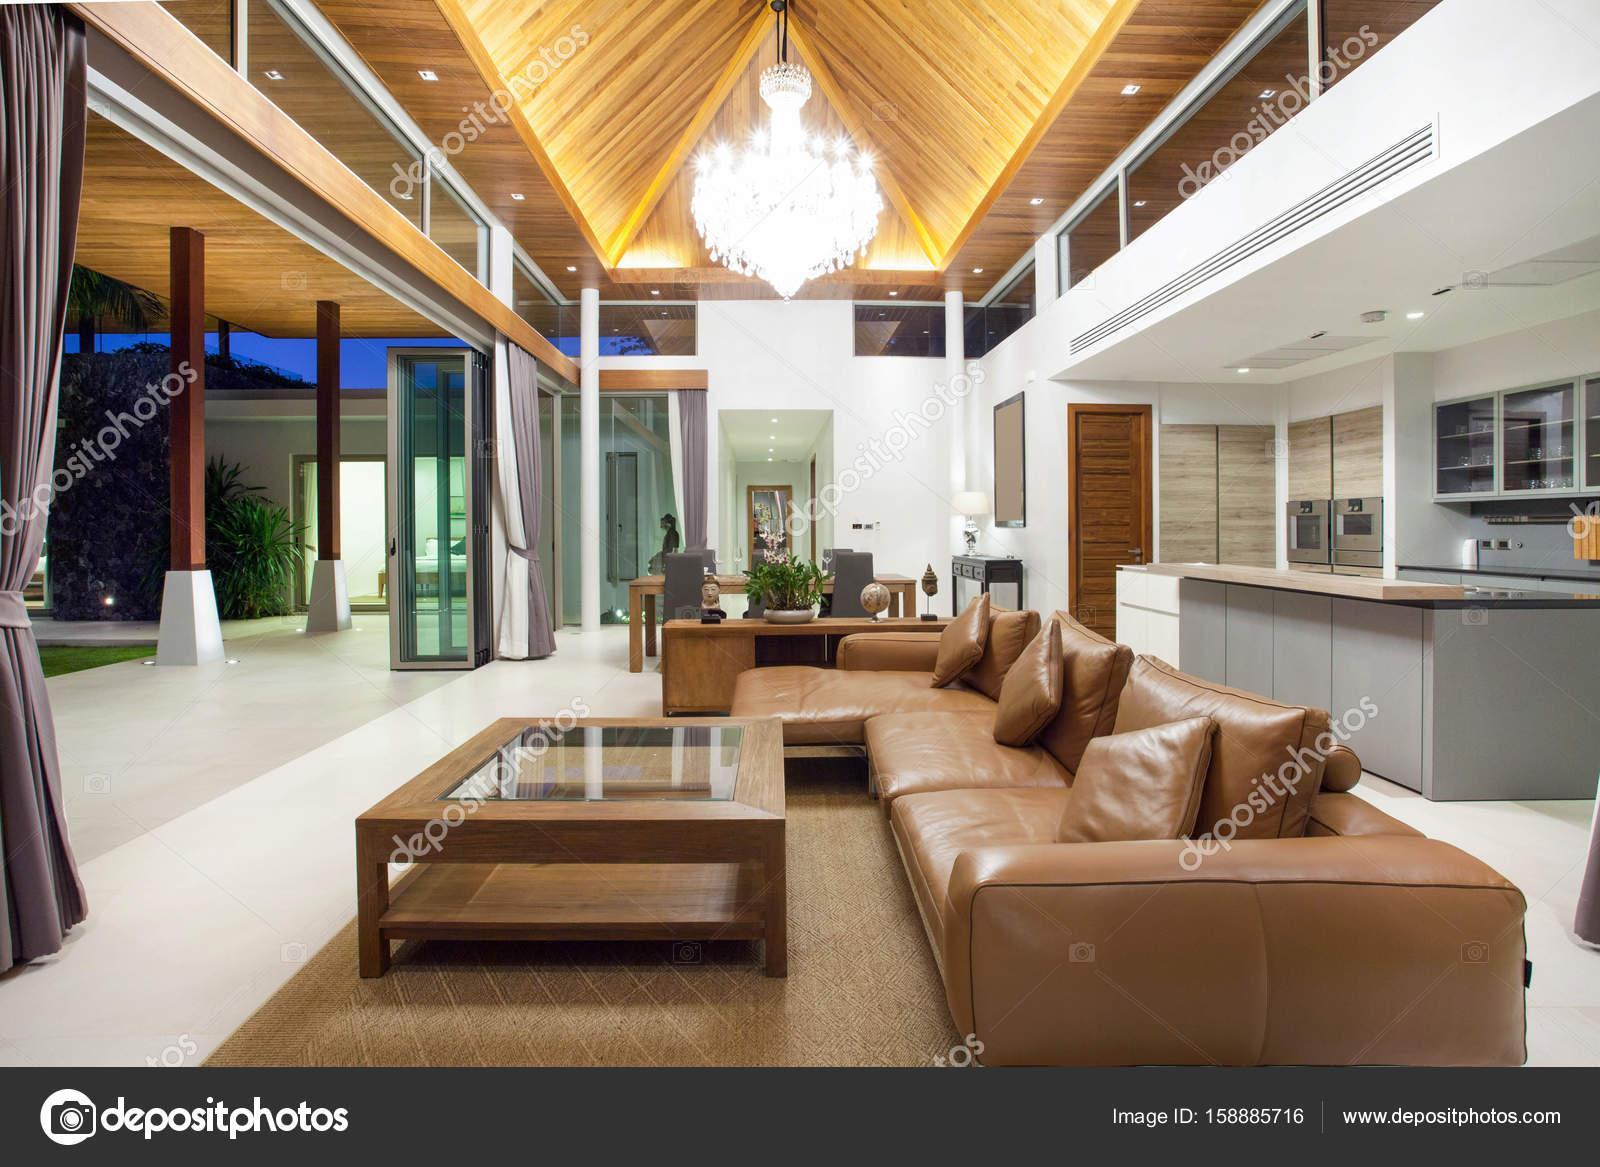 Luxus inneneinrichtung im wohnzimmer von pool villen for Inneneinrichtung wohnzimmer